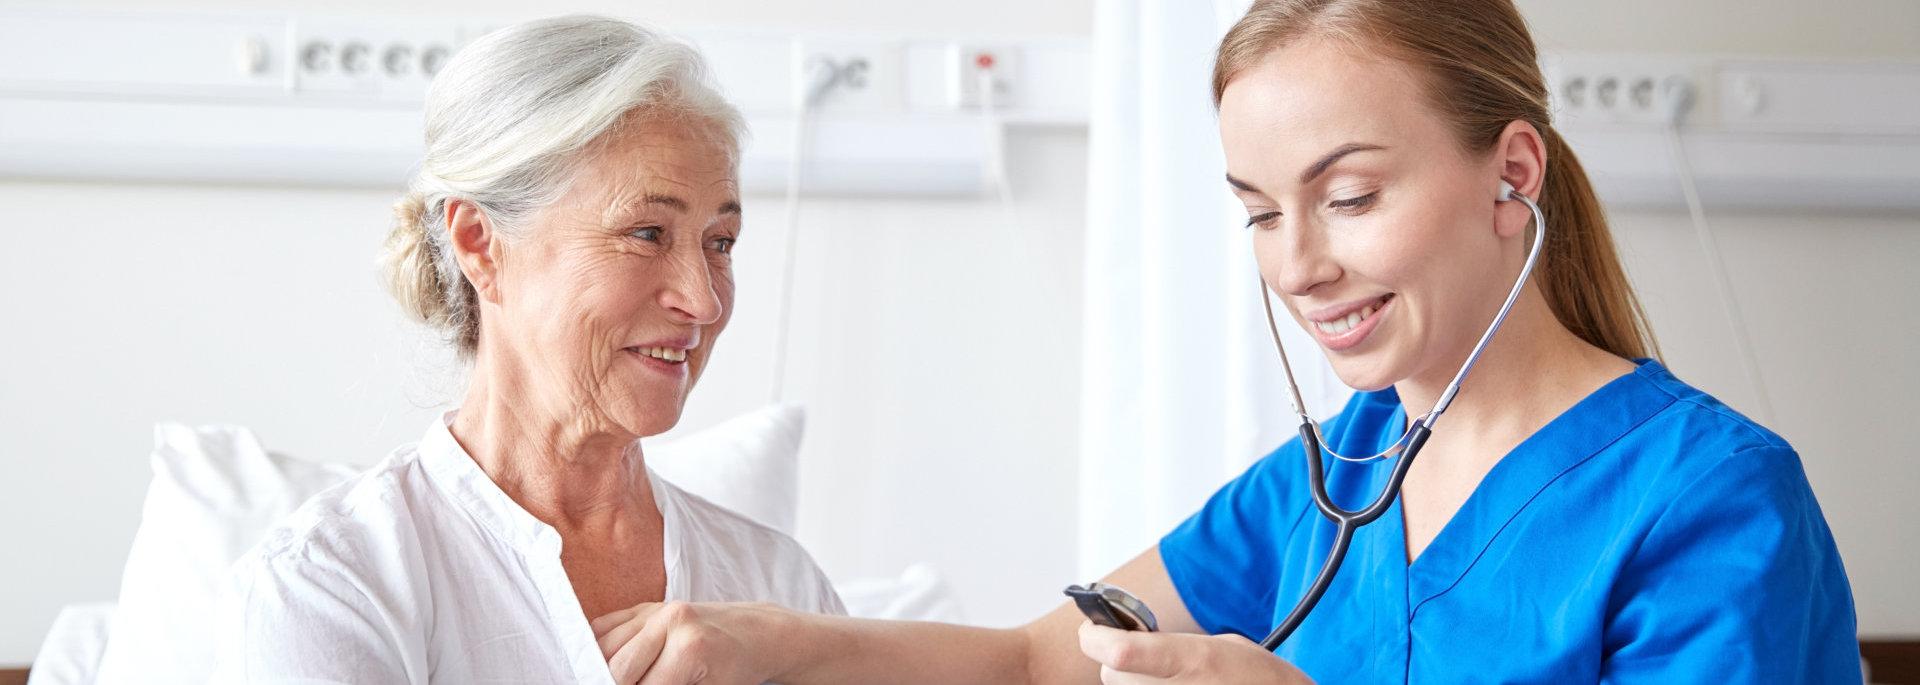 caretaker checks elder woman's heartbeat